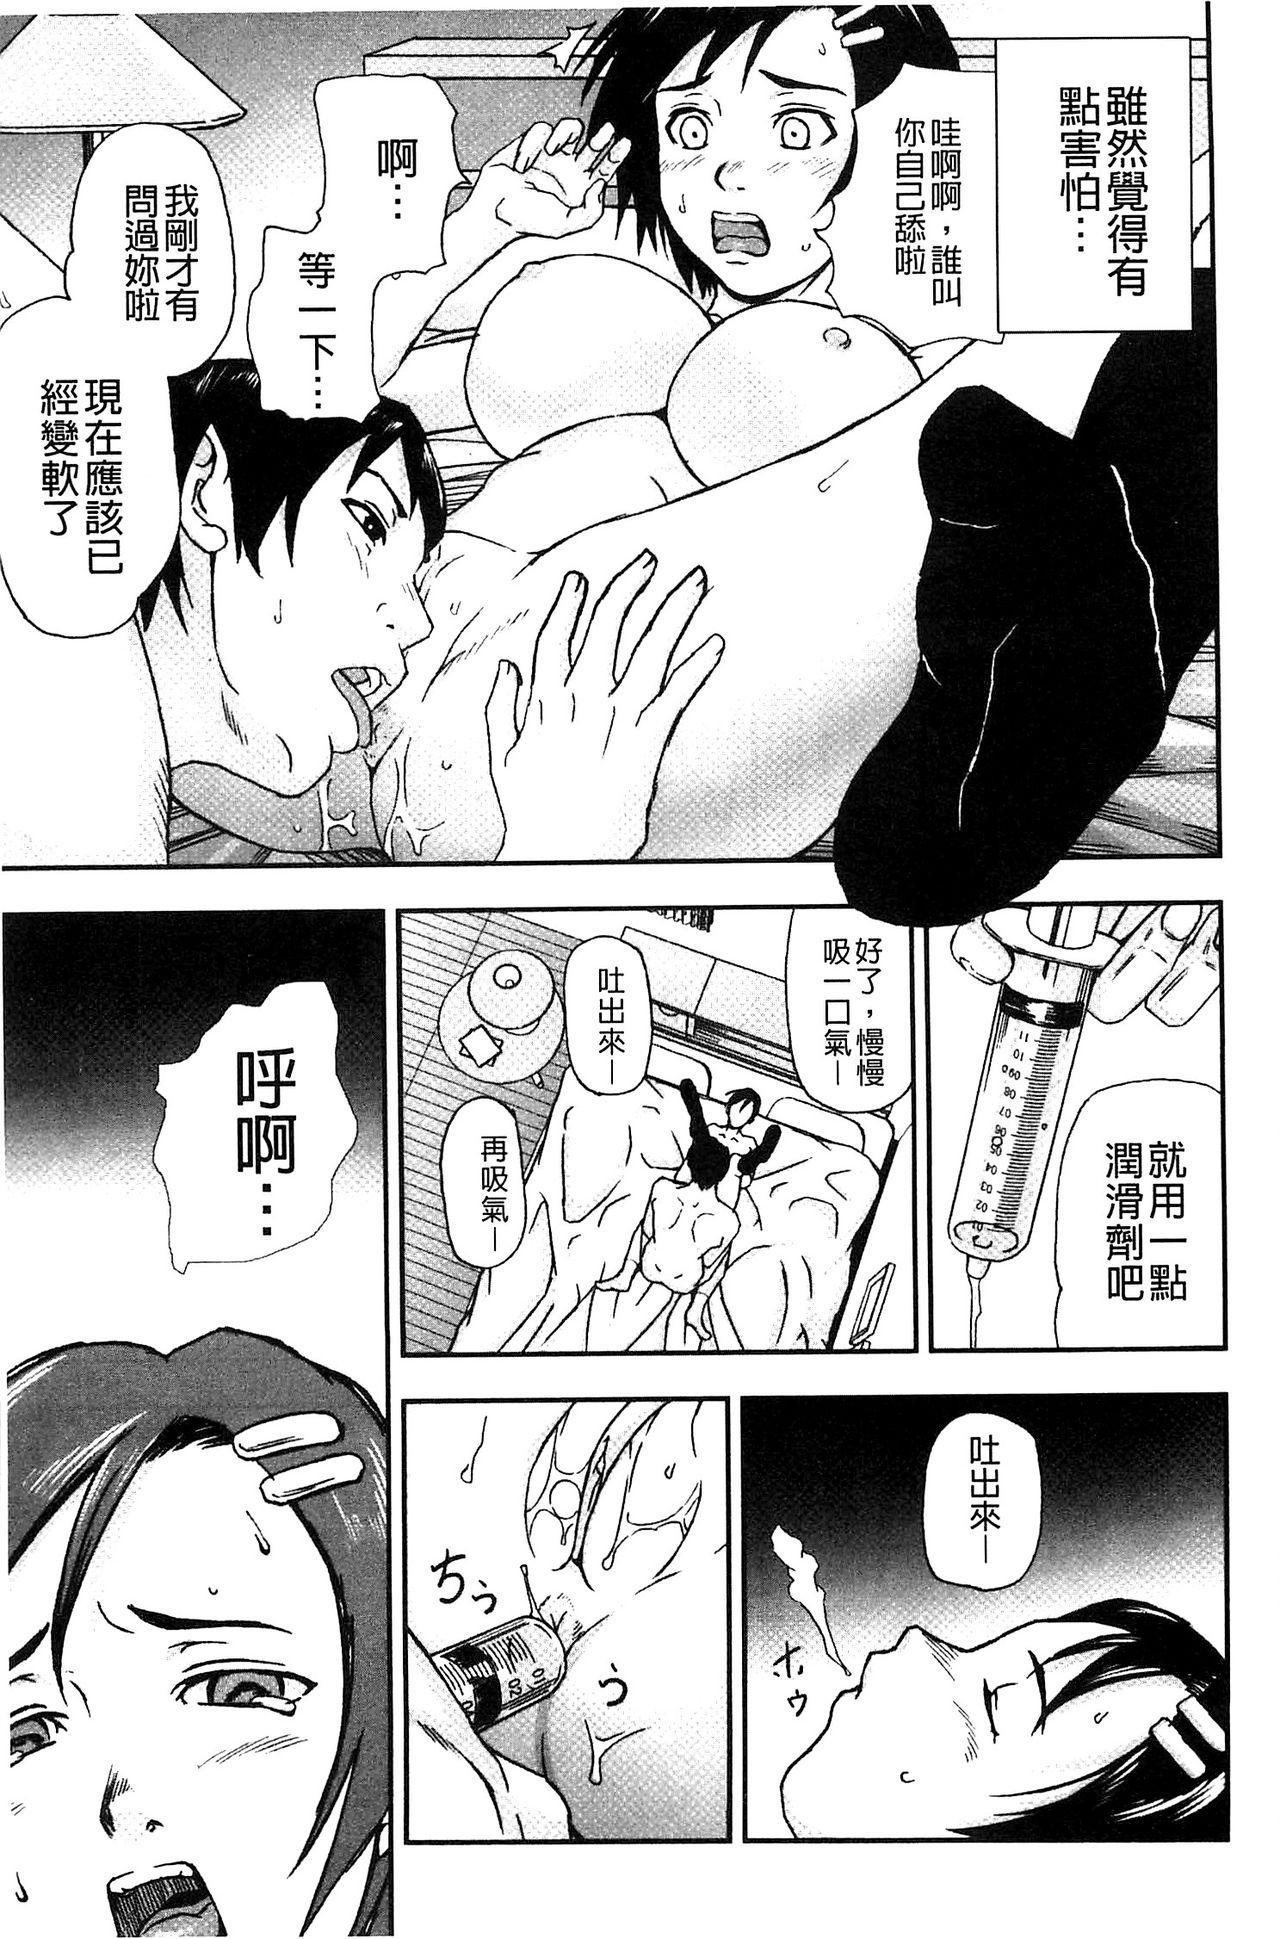 Koijirushi Love Milk | 戀印愛慾鮮乳 44